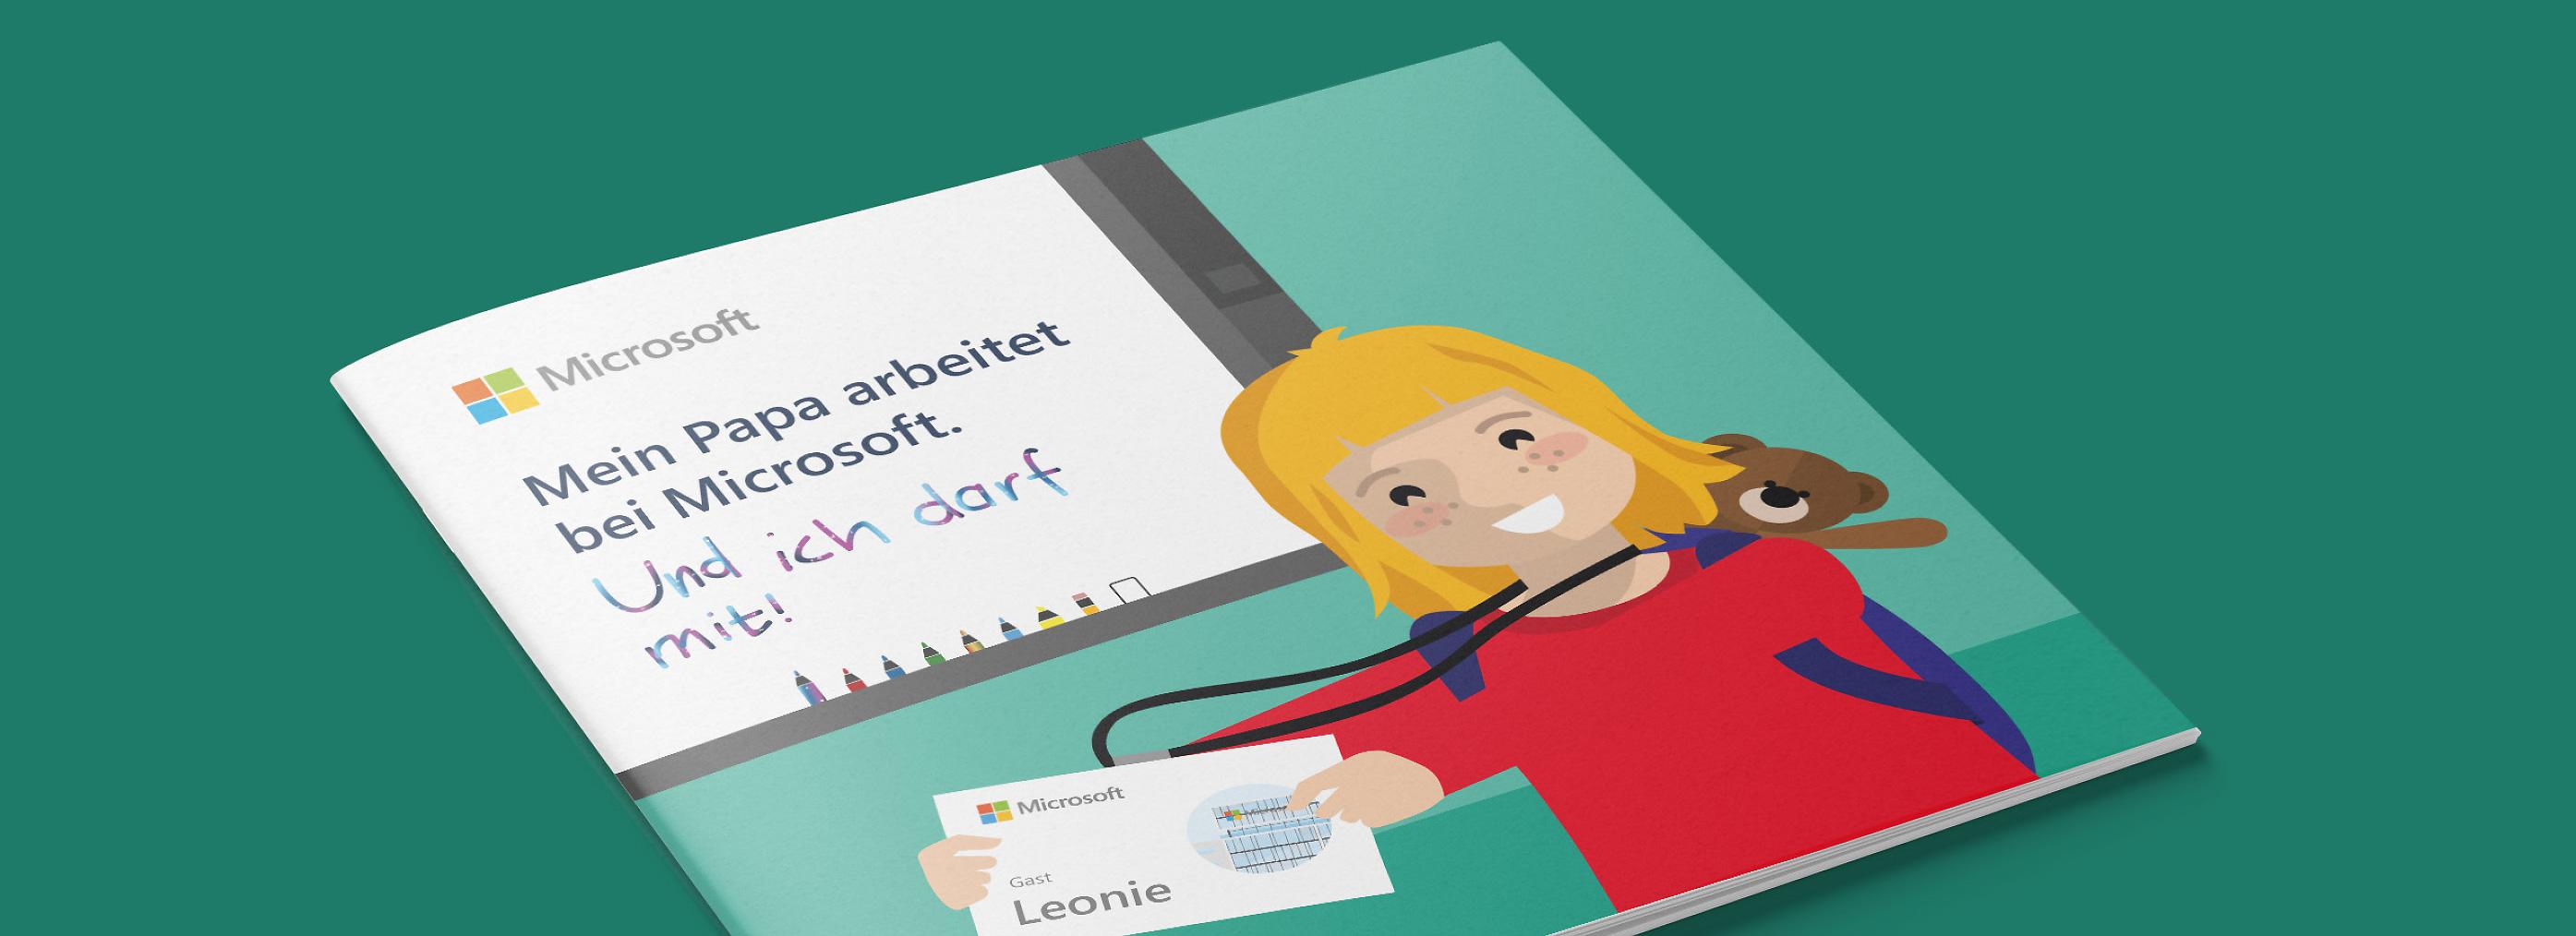 2DMBO-Studio-für-Gestaltung-Pforzheim-Microsoft-Illustration-Kinder-Buch-Illustratives